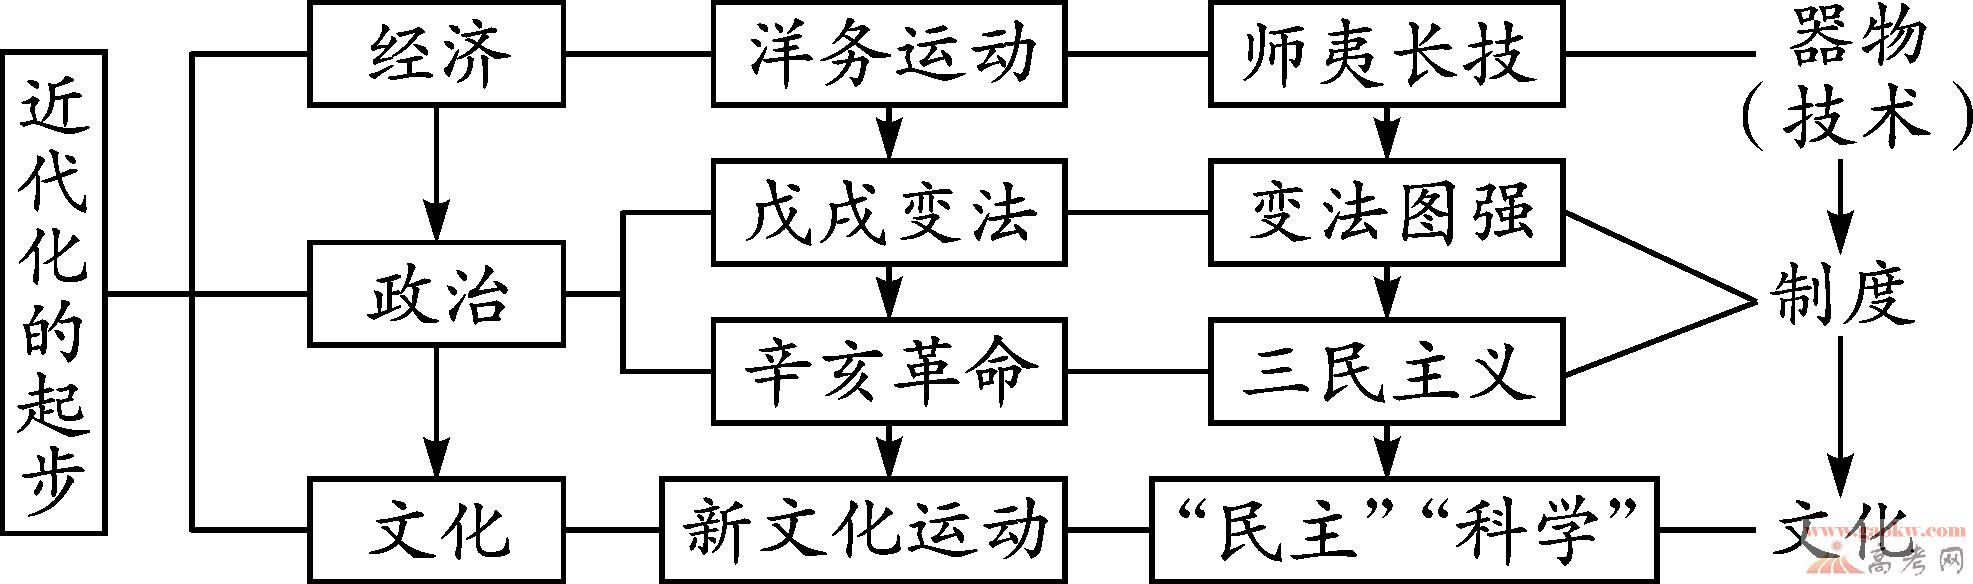 """材料,回答问题。 主题一 近代化之梦 材料一 中国近代化的起步  (1)以下表述:是从材料一图示信息中得出的,请在答题卷相应的括号内划""""√"""";违背了材料一图示信息所表达的意思,请在括号内划""""×"""";是材料一图示信息没有涉及的,请在括号内划""""""""。(4分)洋务运动是中国近代化的开端。( ) 戊戌变法开启了中国文化上的近代化。( ) 五四运动标志着中国旧民主主义革命的结束和新民主主义革命的开始。( ) 近代化经"""